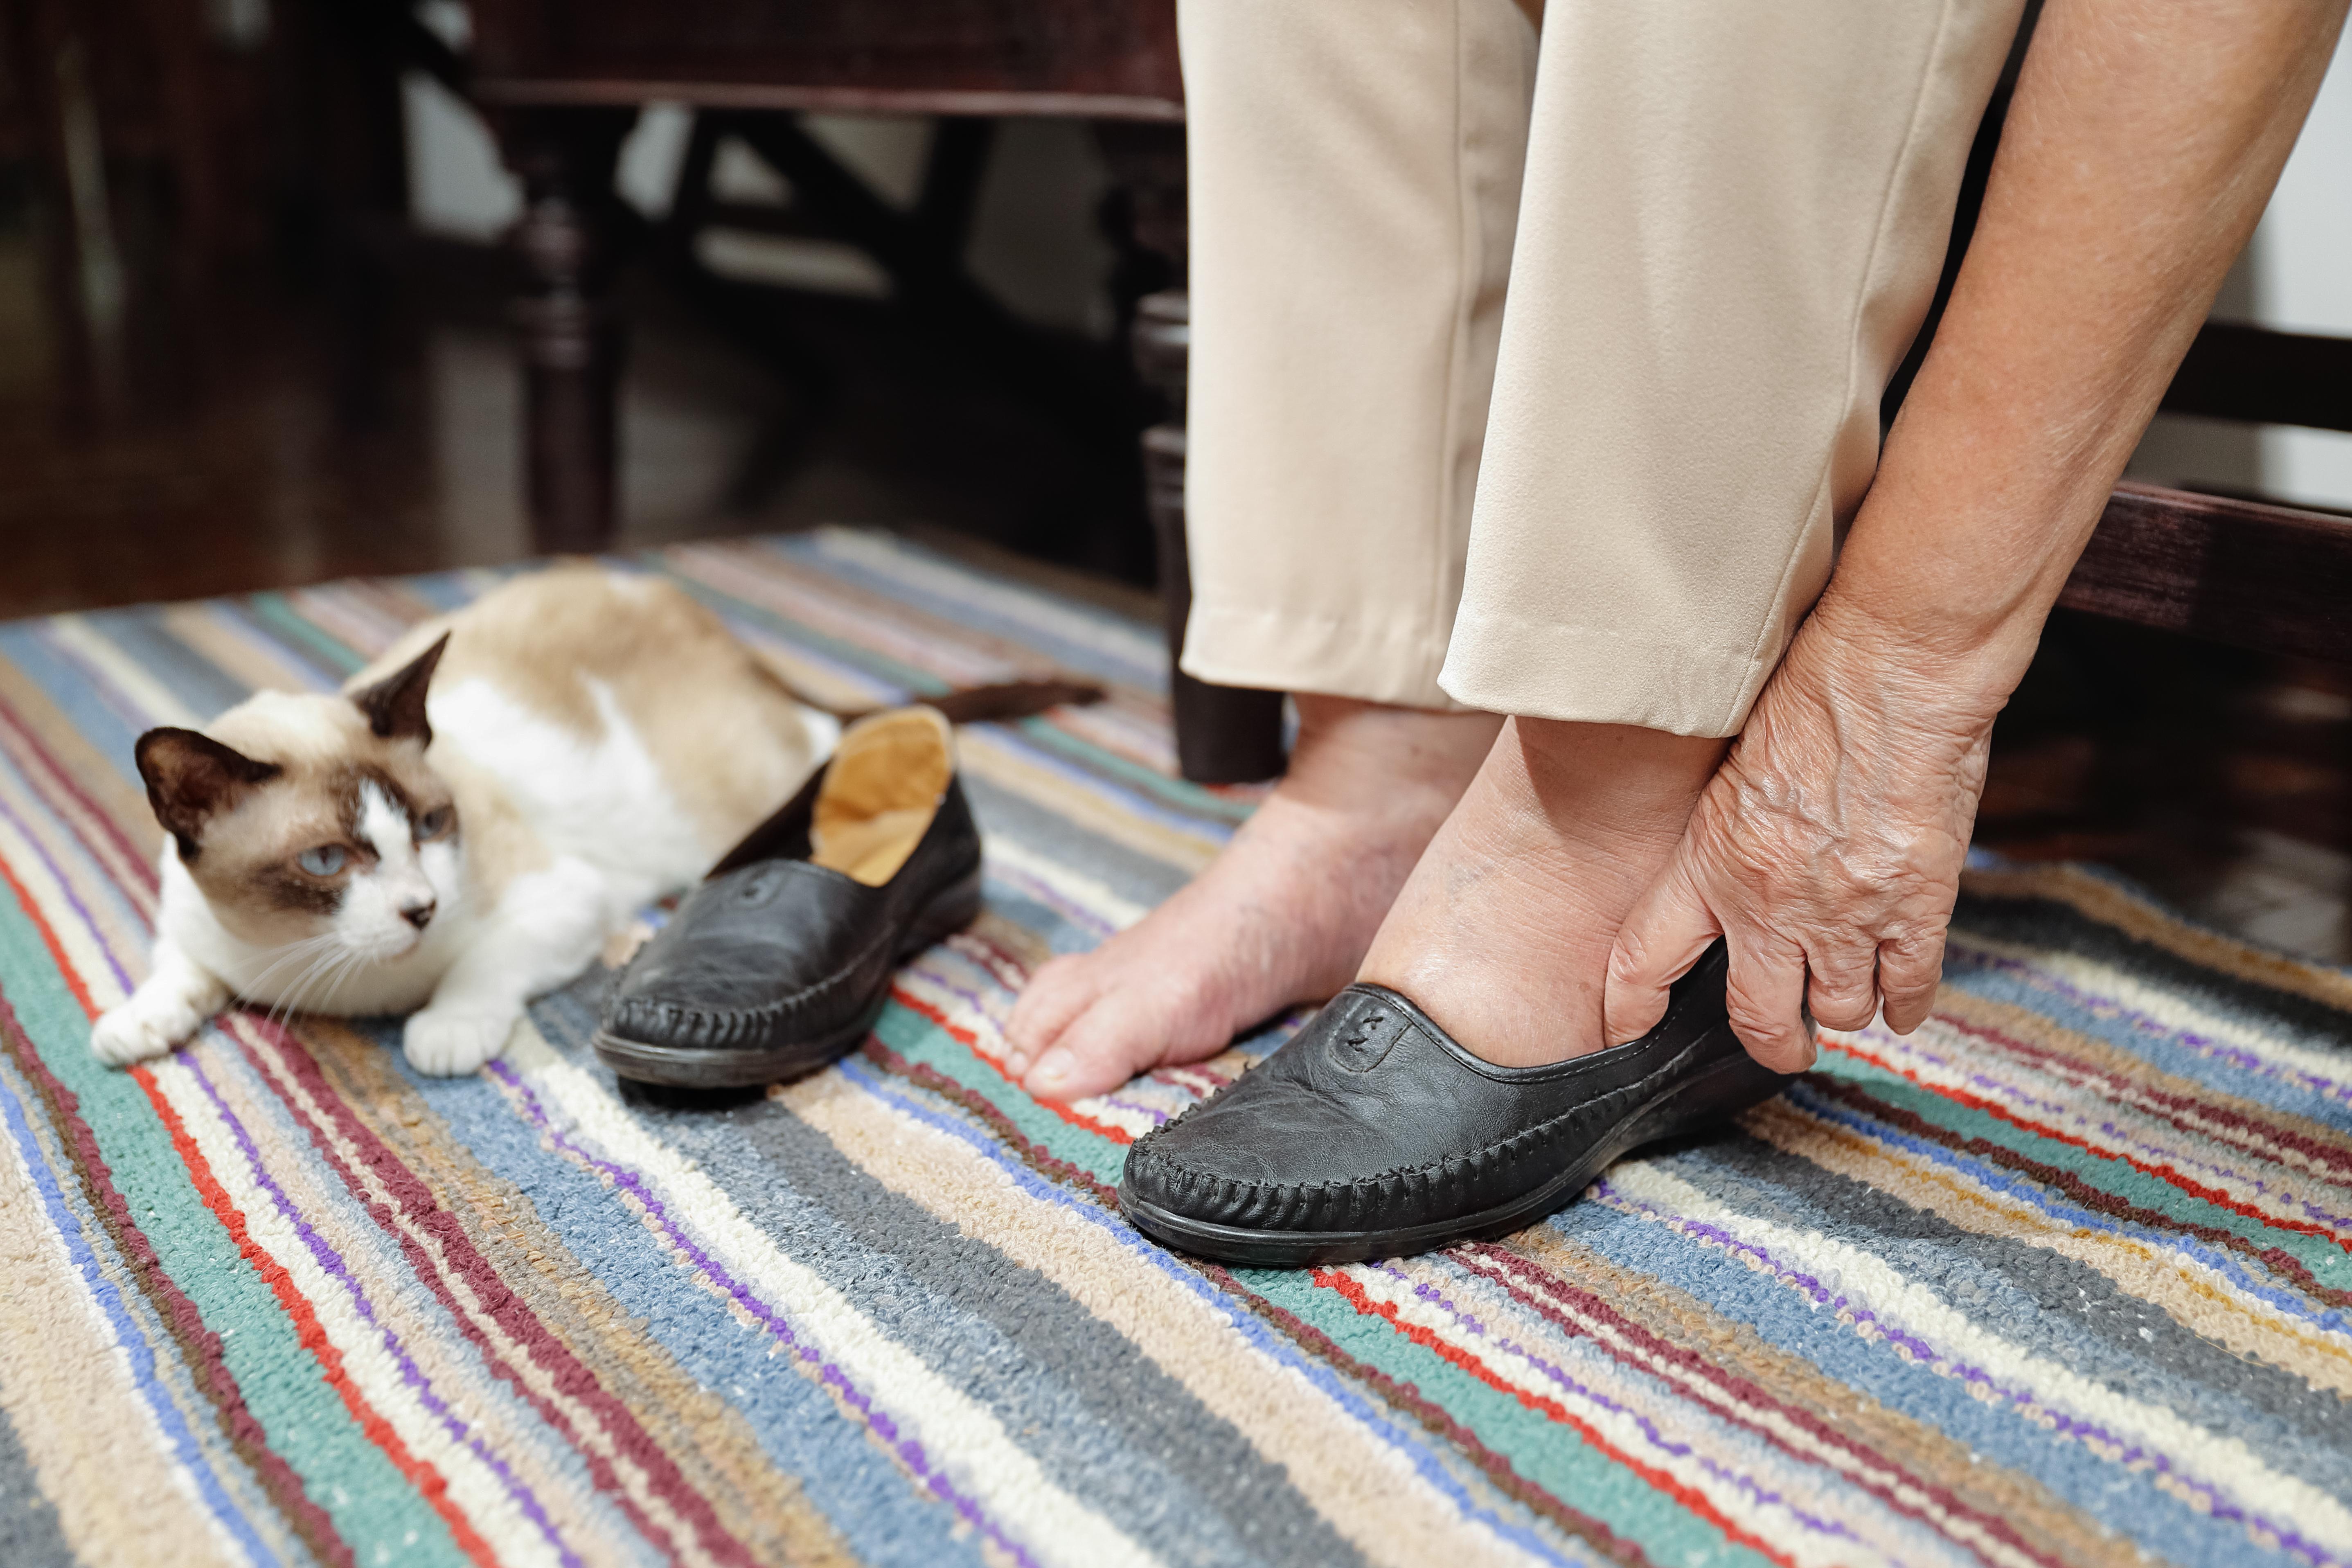 Ödem är resultatet av att vätska av någon orsak samlas i ben och i fötter.